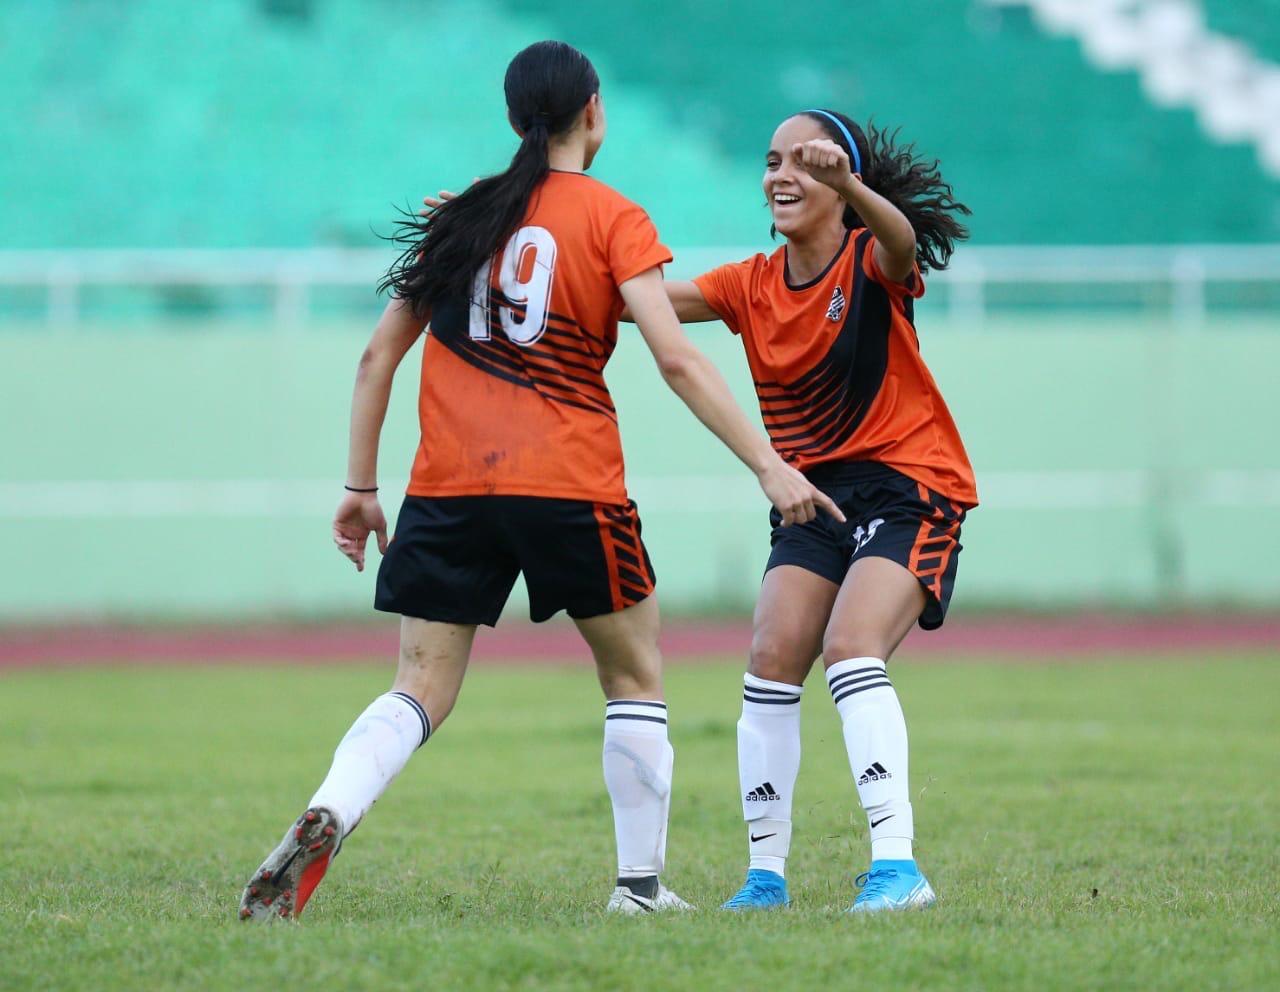 Bob Soccer School y San Isidro ganan en segunda semana de Ligafemdo